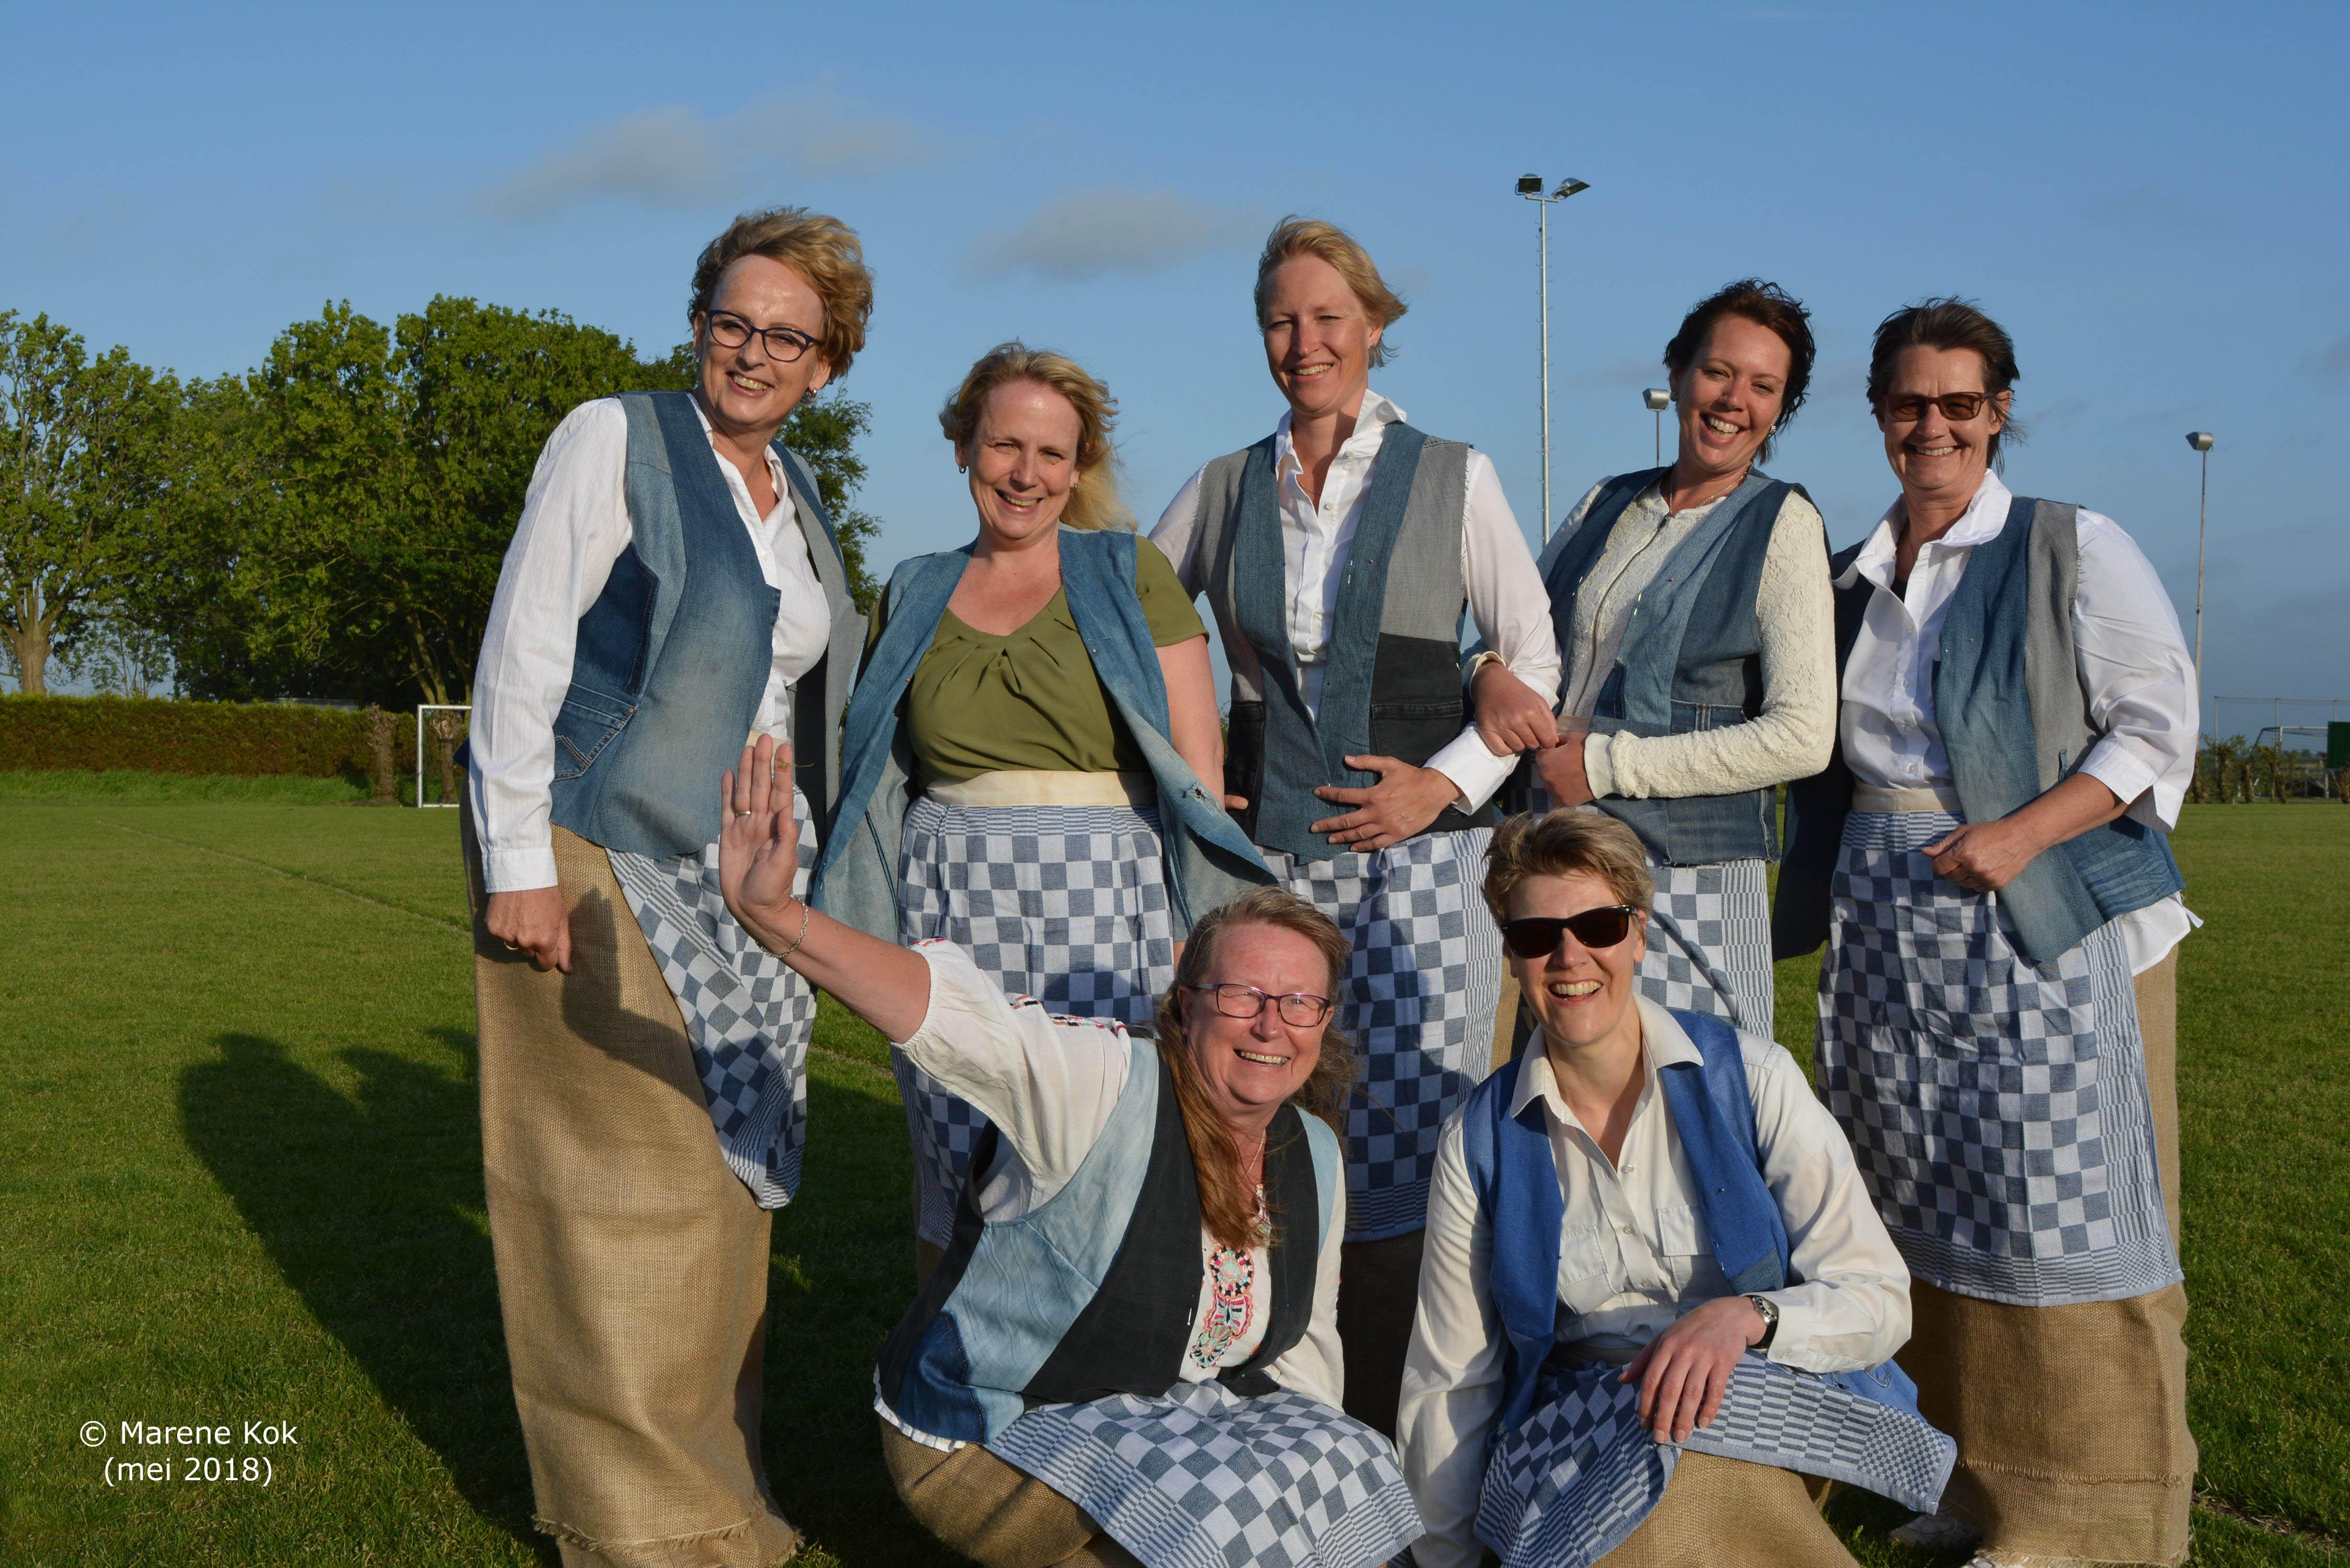 V.l.n.r.: Noorke, Miriam, Elise, Ilse en Lucia en hurkend, v.l.n.r.: Ineke en Annemieke. (Foto: Marene Kok)